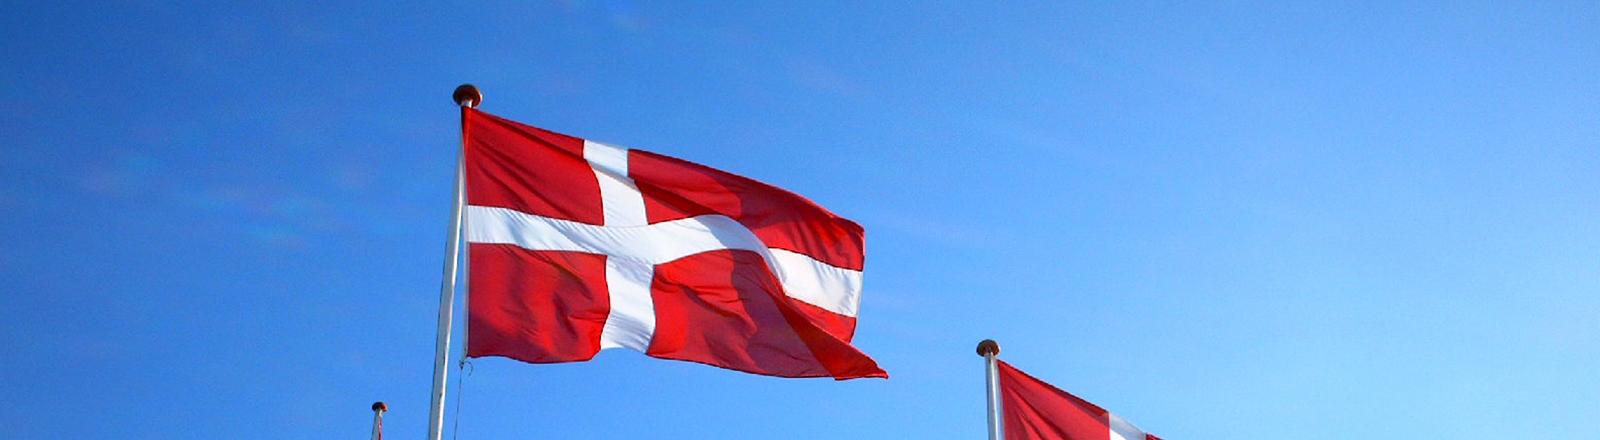 Drei dänische Flaggen wehen vor blauem Himmel